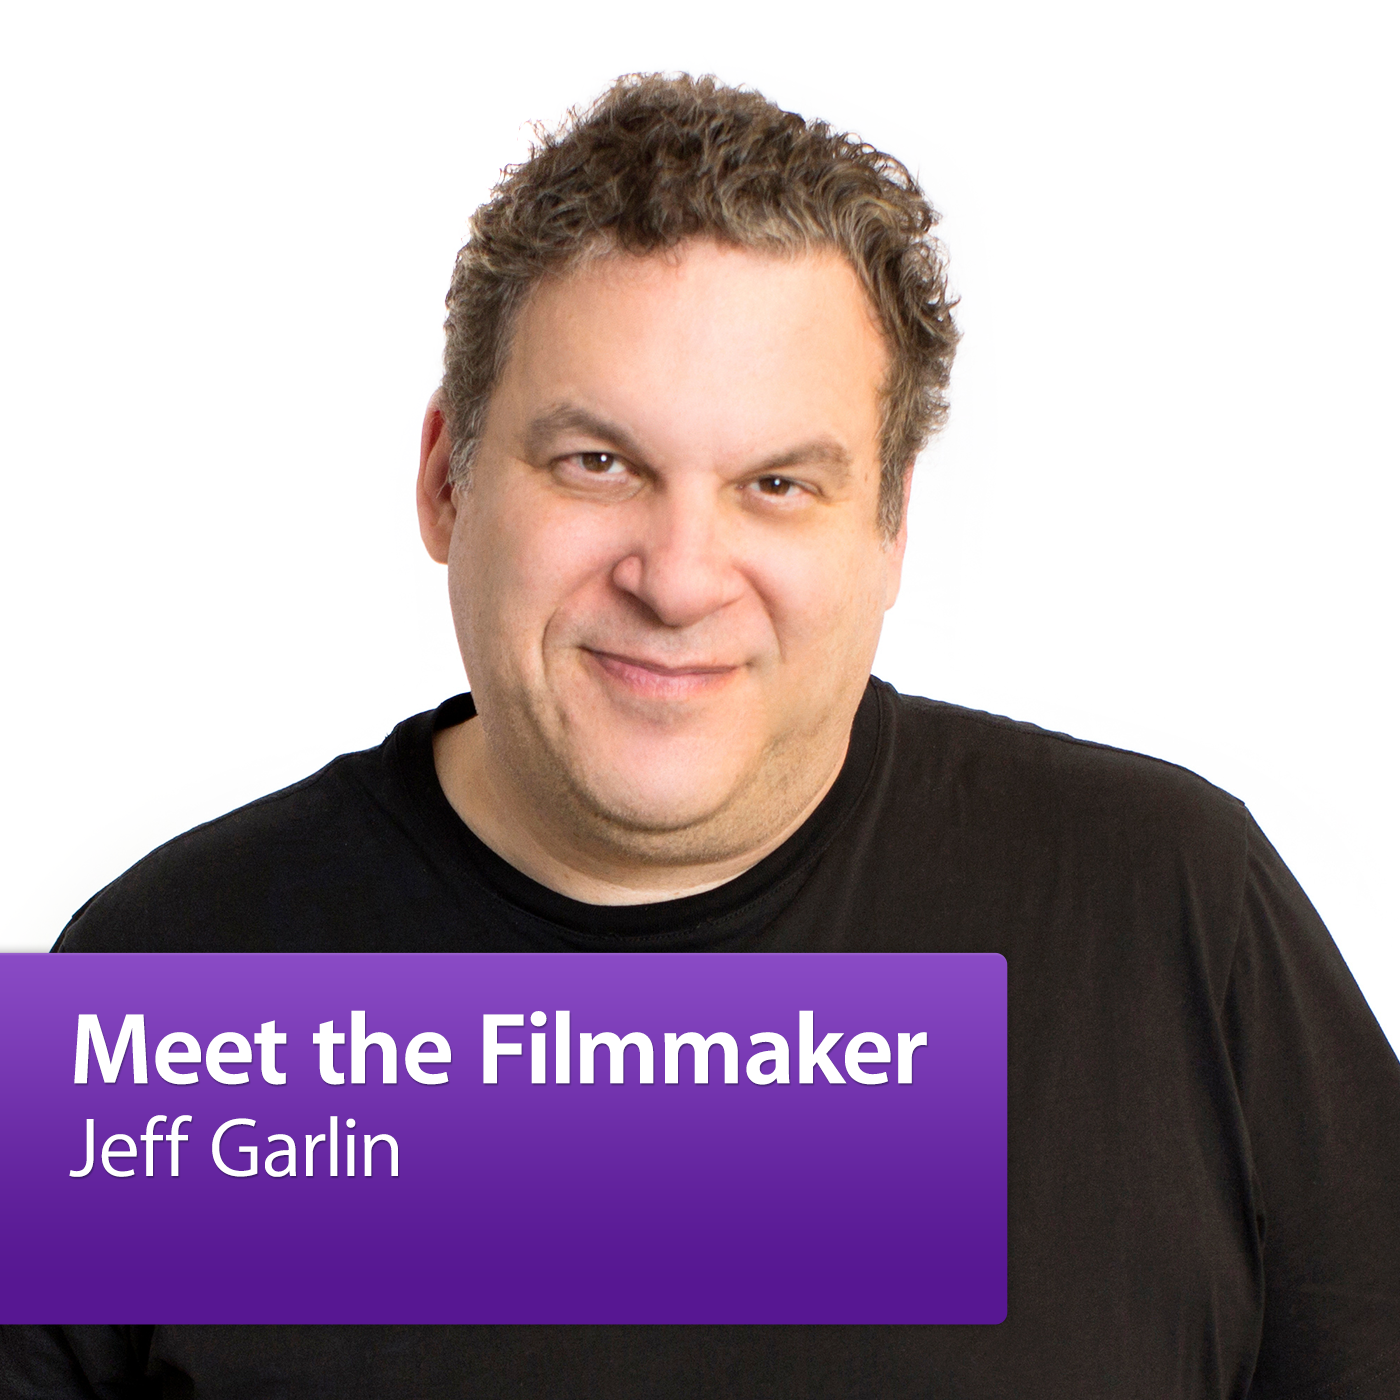 Jeff Garlin: Meet the Filmmaker